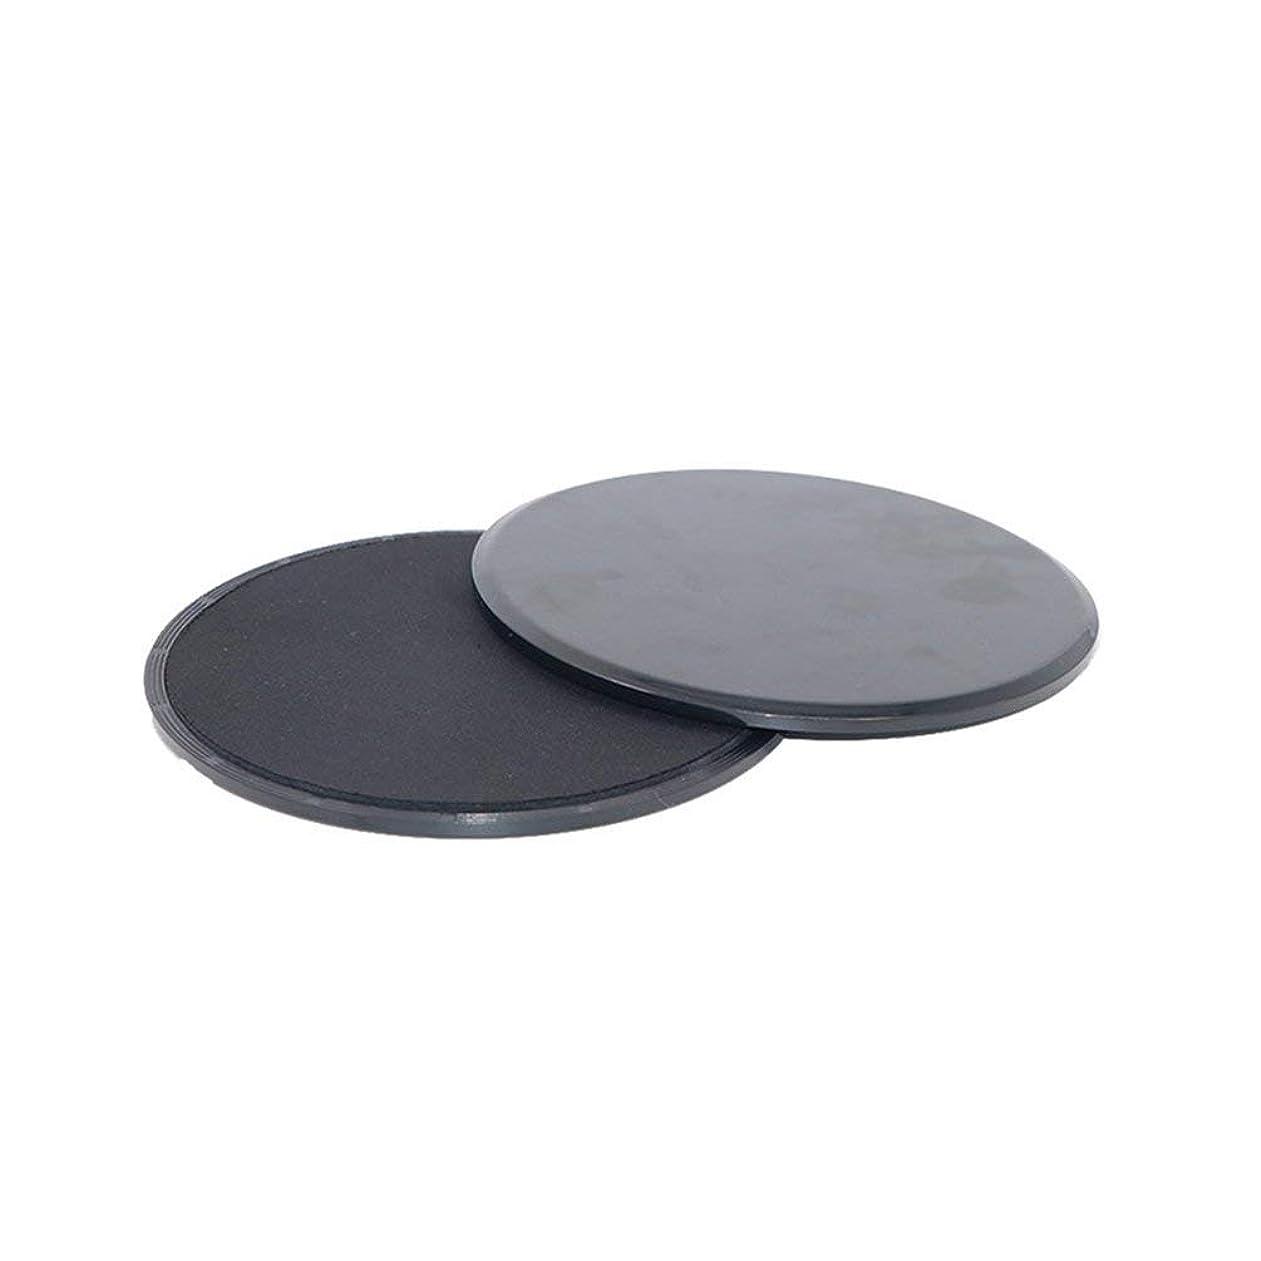 ジャグリングむちゃくちゃインスタンスフィットネススライドグライディングディスク調整能力フィットネスエクササイズスライダーコアトレーニング腹部と全身トレーニング用 - ブラック